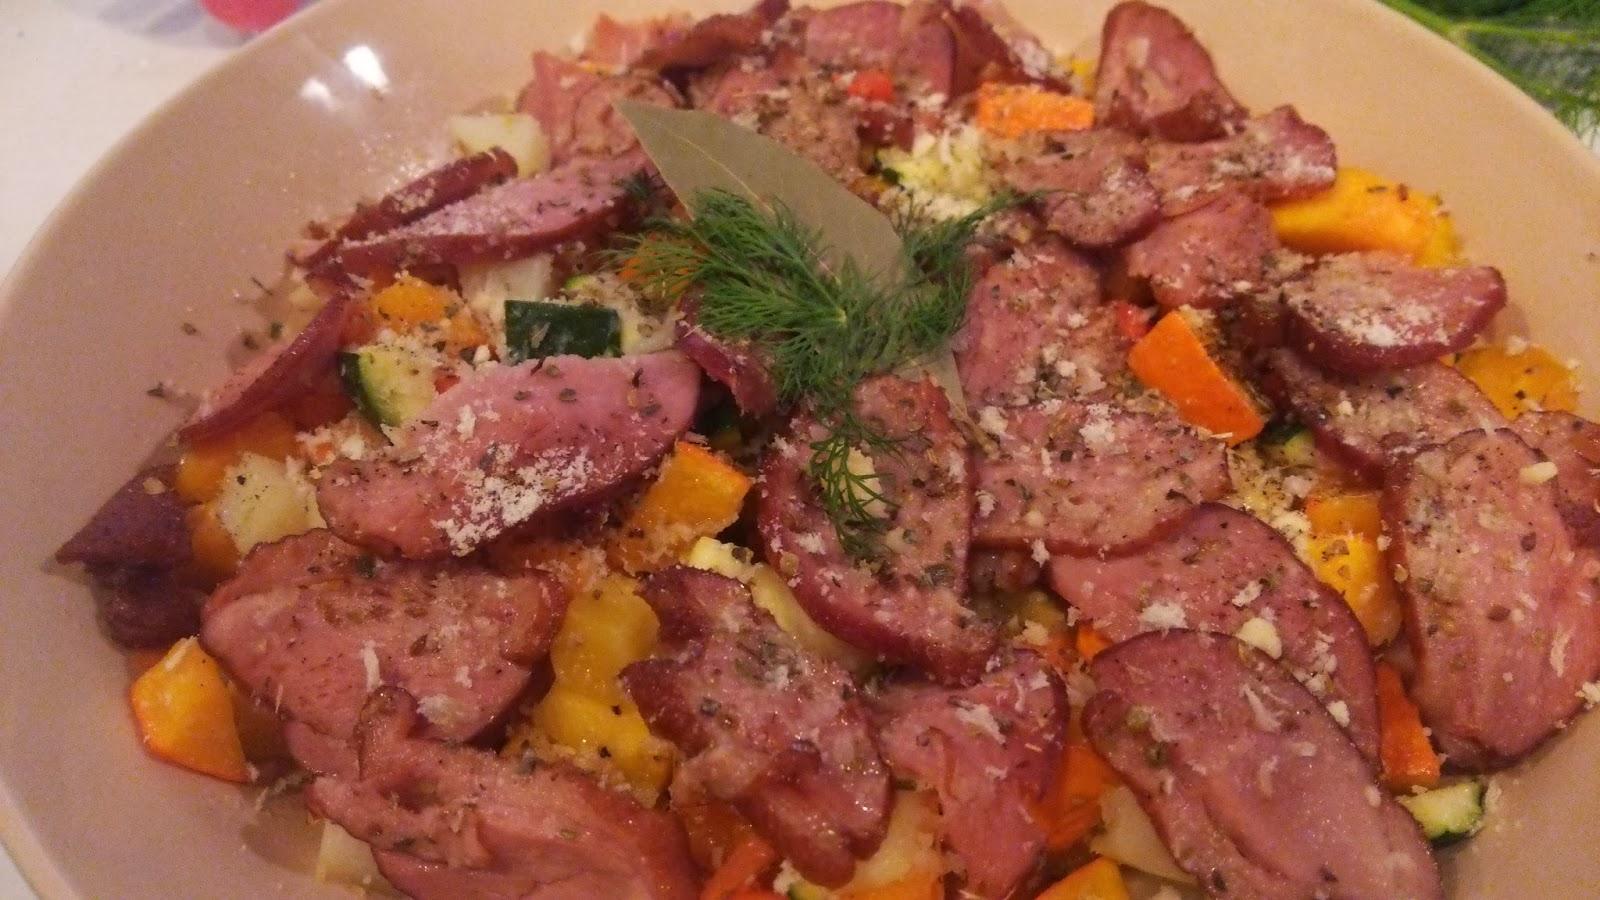 埼玉(さいたま市)の自宅に出張シェフ:鴨スモーク 冬野菜の香草グリルと共に